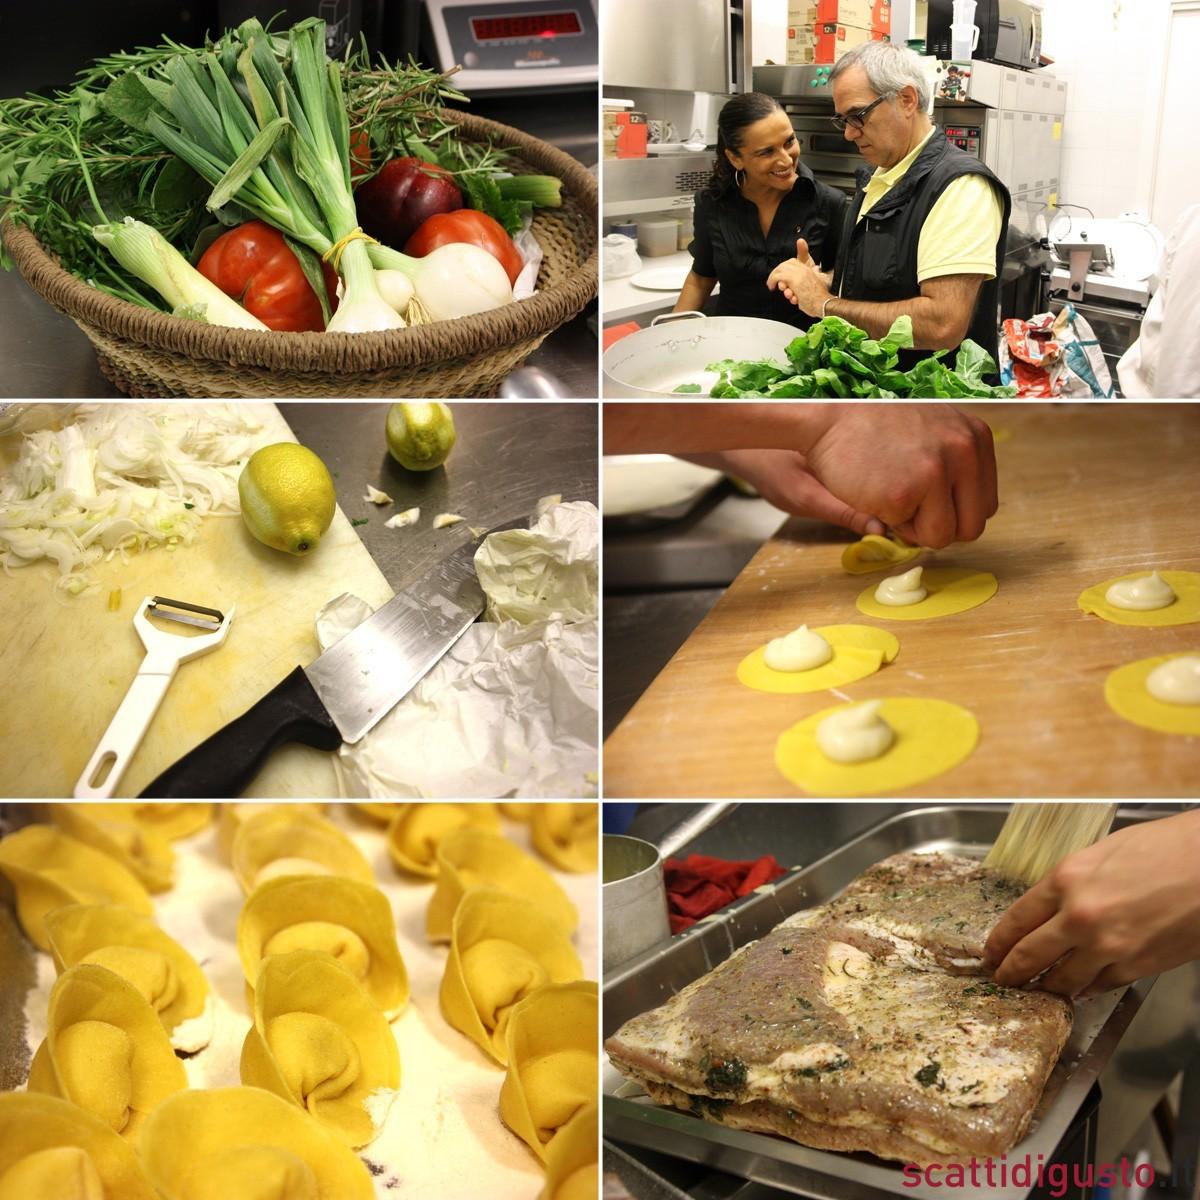 Salvatore tassa e marzia buzzanca cena a 4 mani in diretta - Sesso in cucina ...